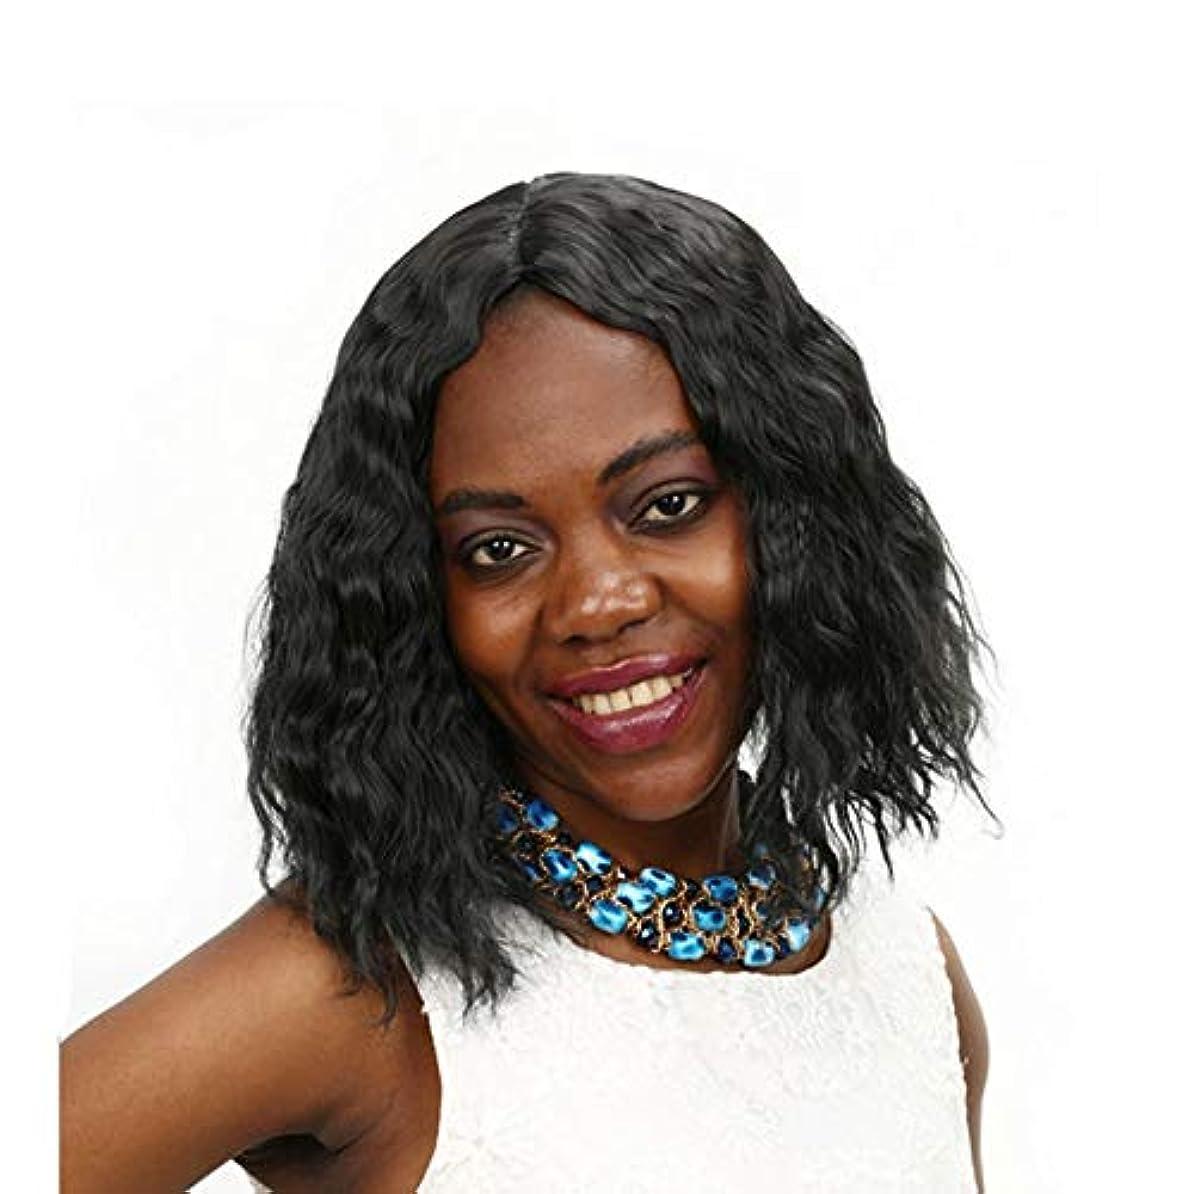 特定の幸運区WASAIO アフリカの女性の黒のかつら短い巻き毛のかつら (色 : 黒)